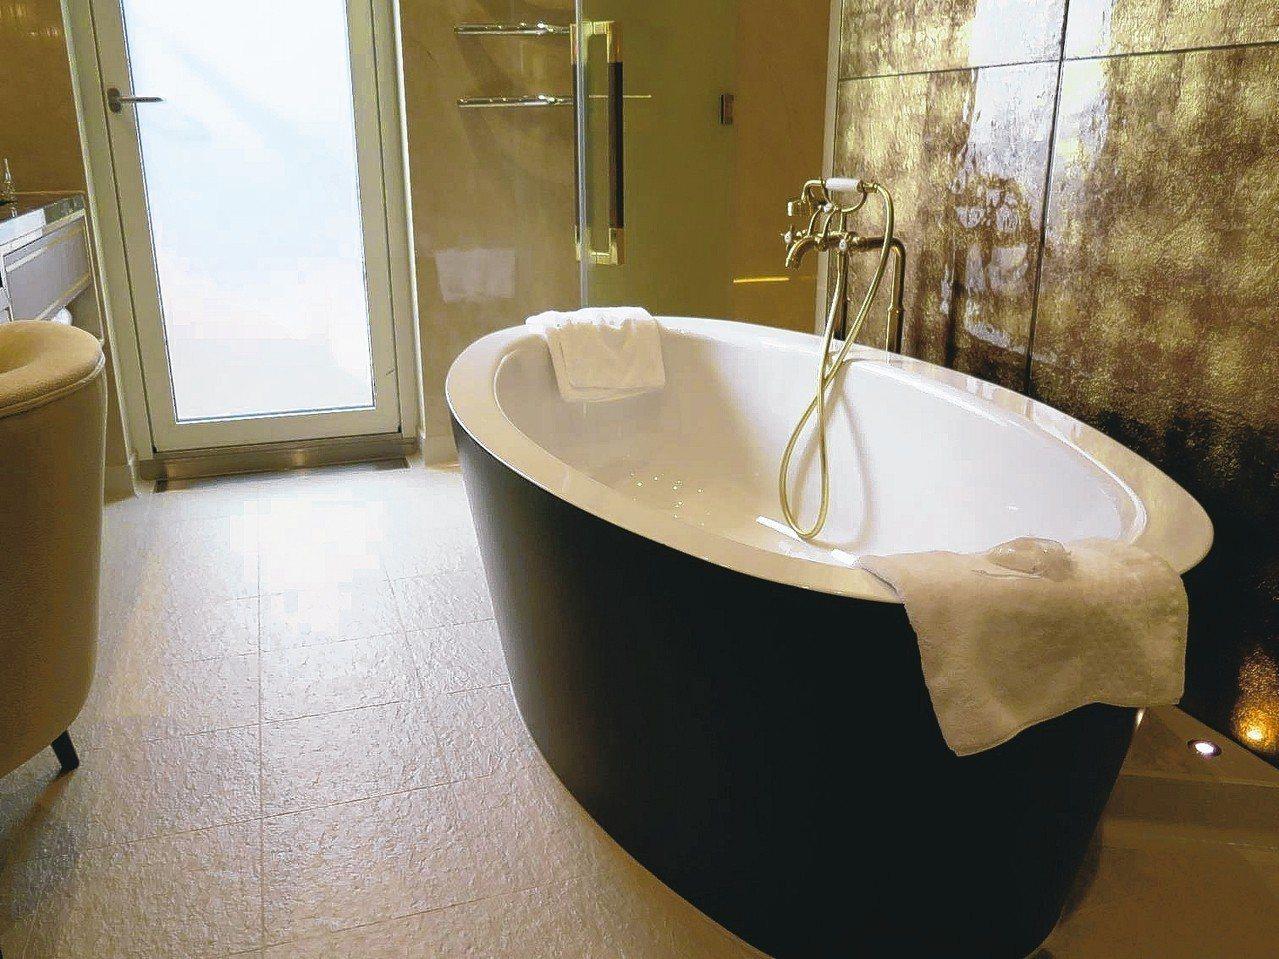 「皇宮庭苑別墅」浴室裡的浴缸。 記者葉君遠/攝影